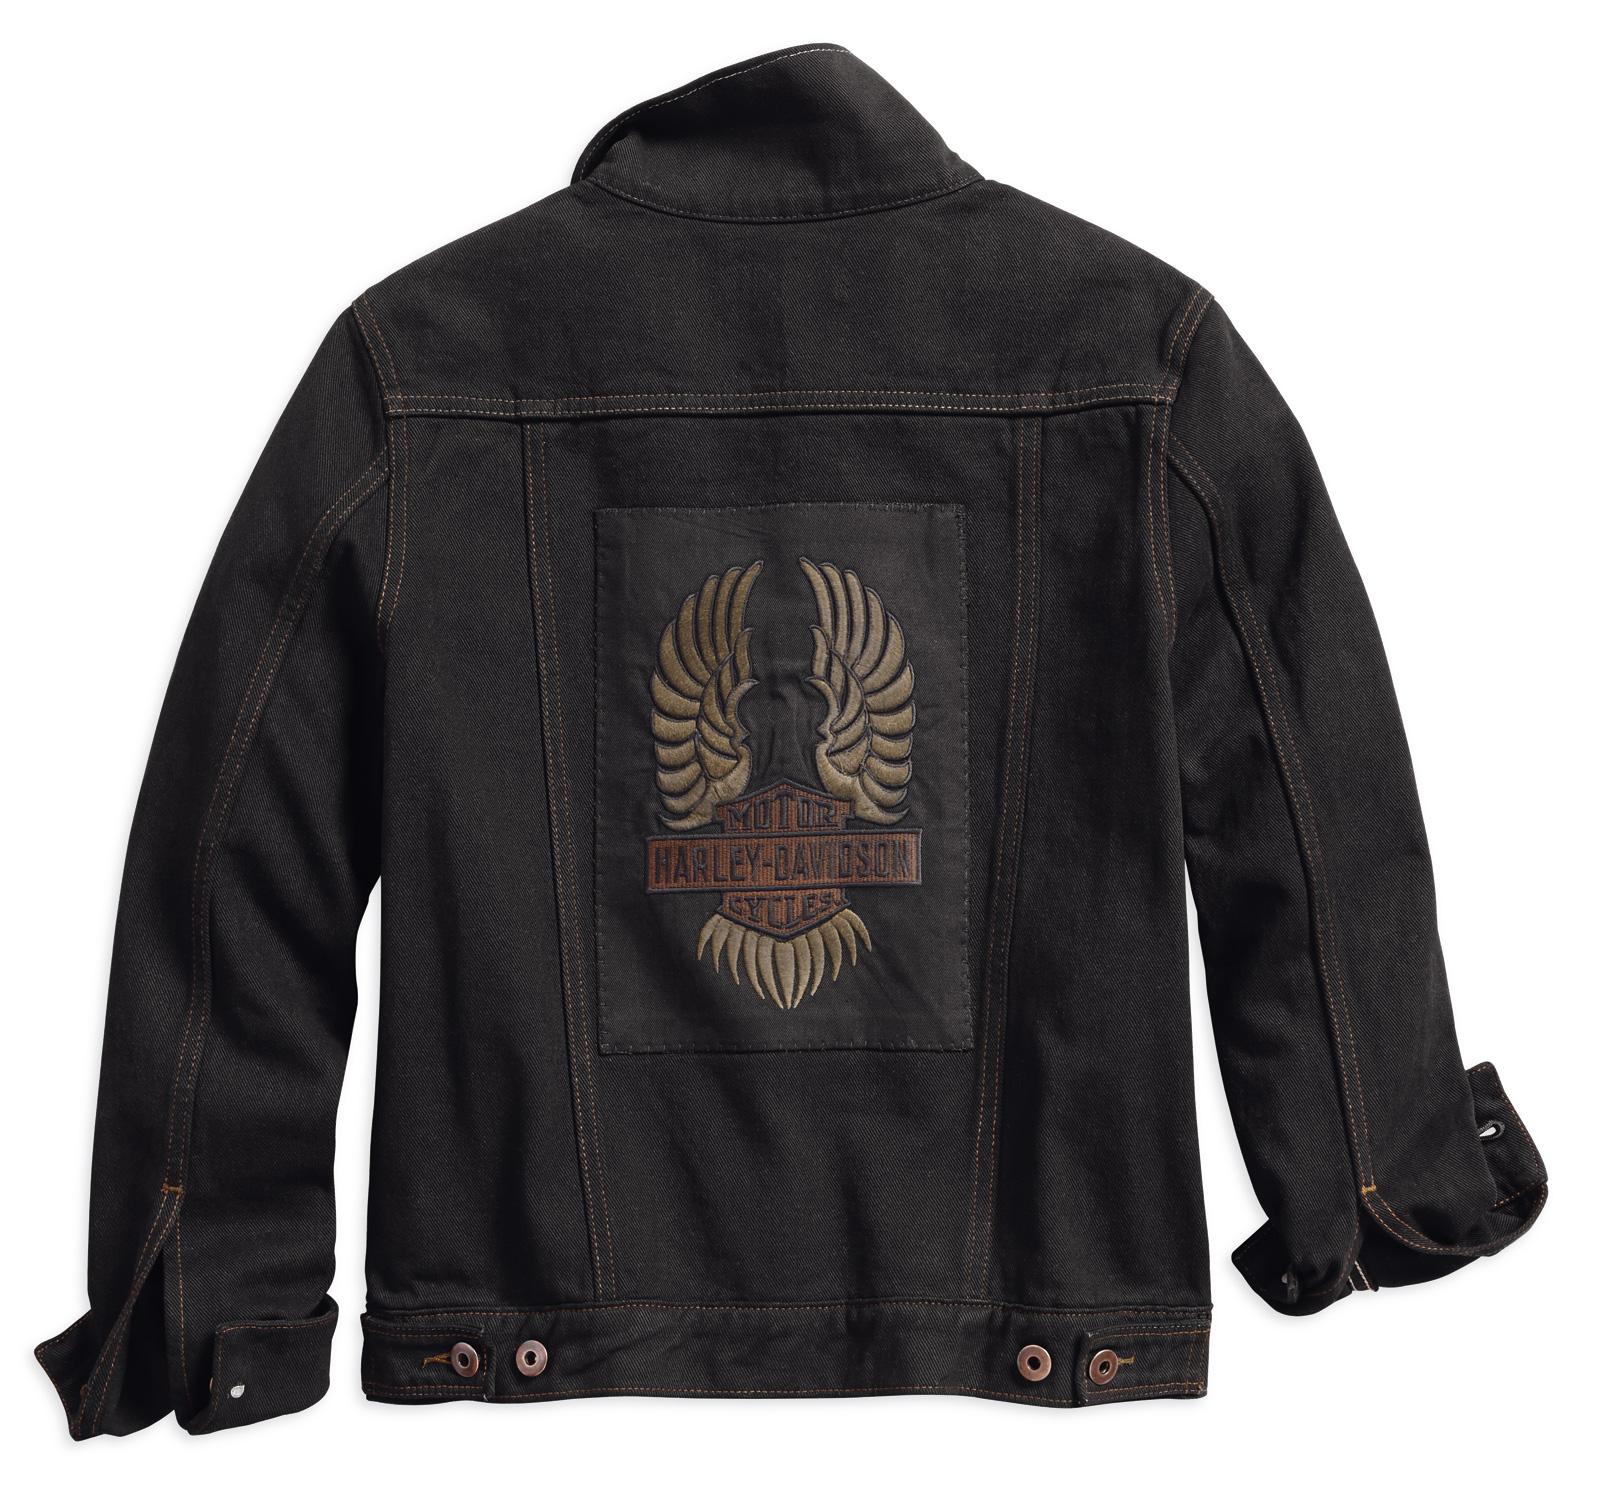 98593 18vw harley davidson damen jeansjacke winged appliqu schwarz im thunderbike shop. Black Bedroom Furniture Sets. Home Design Ideas